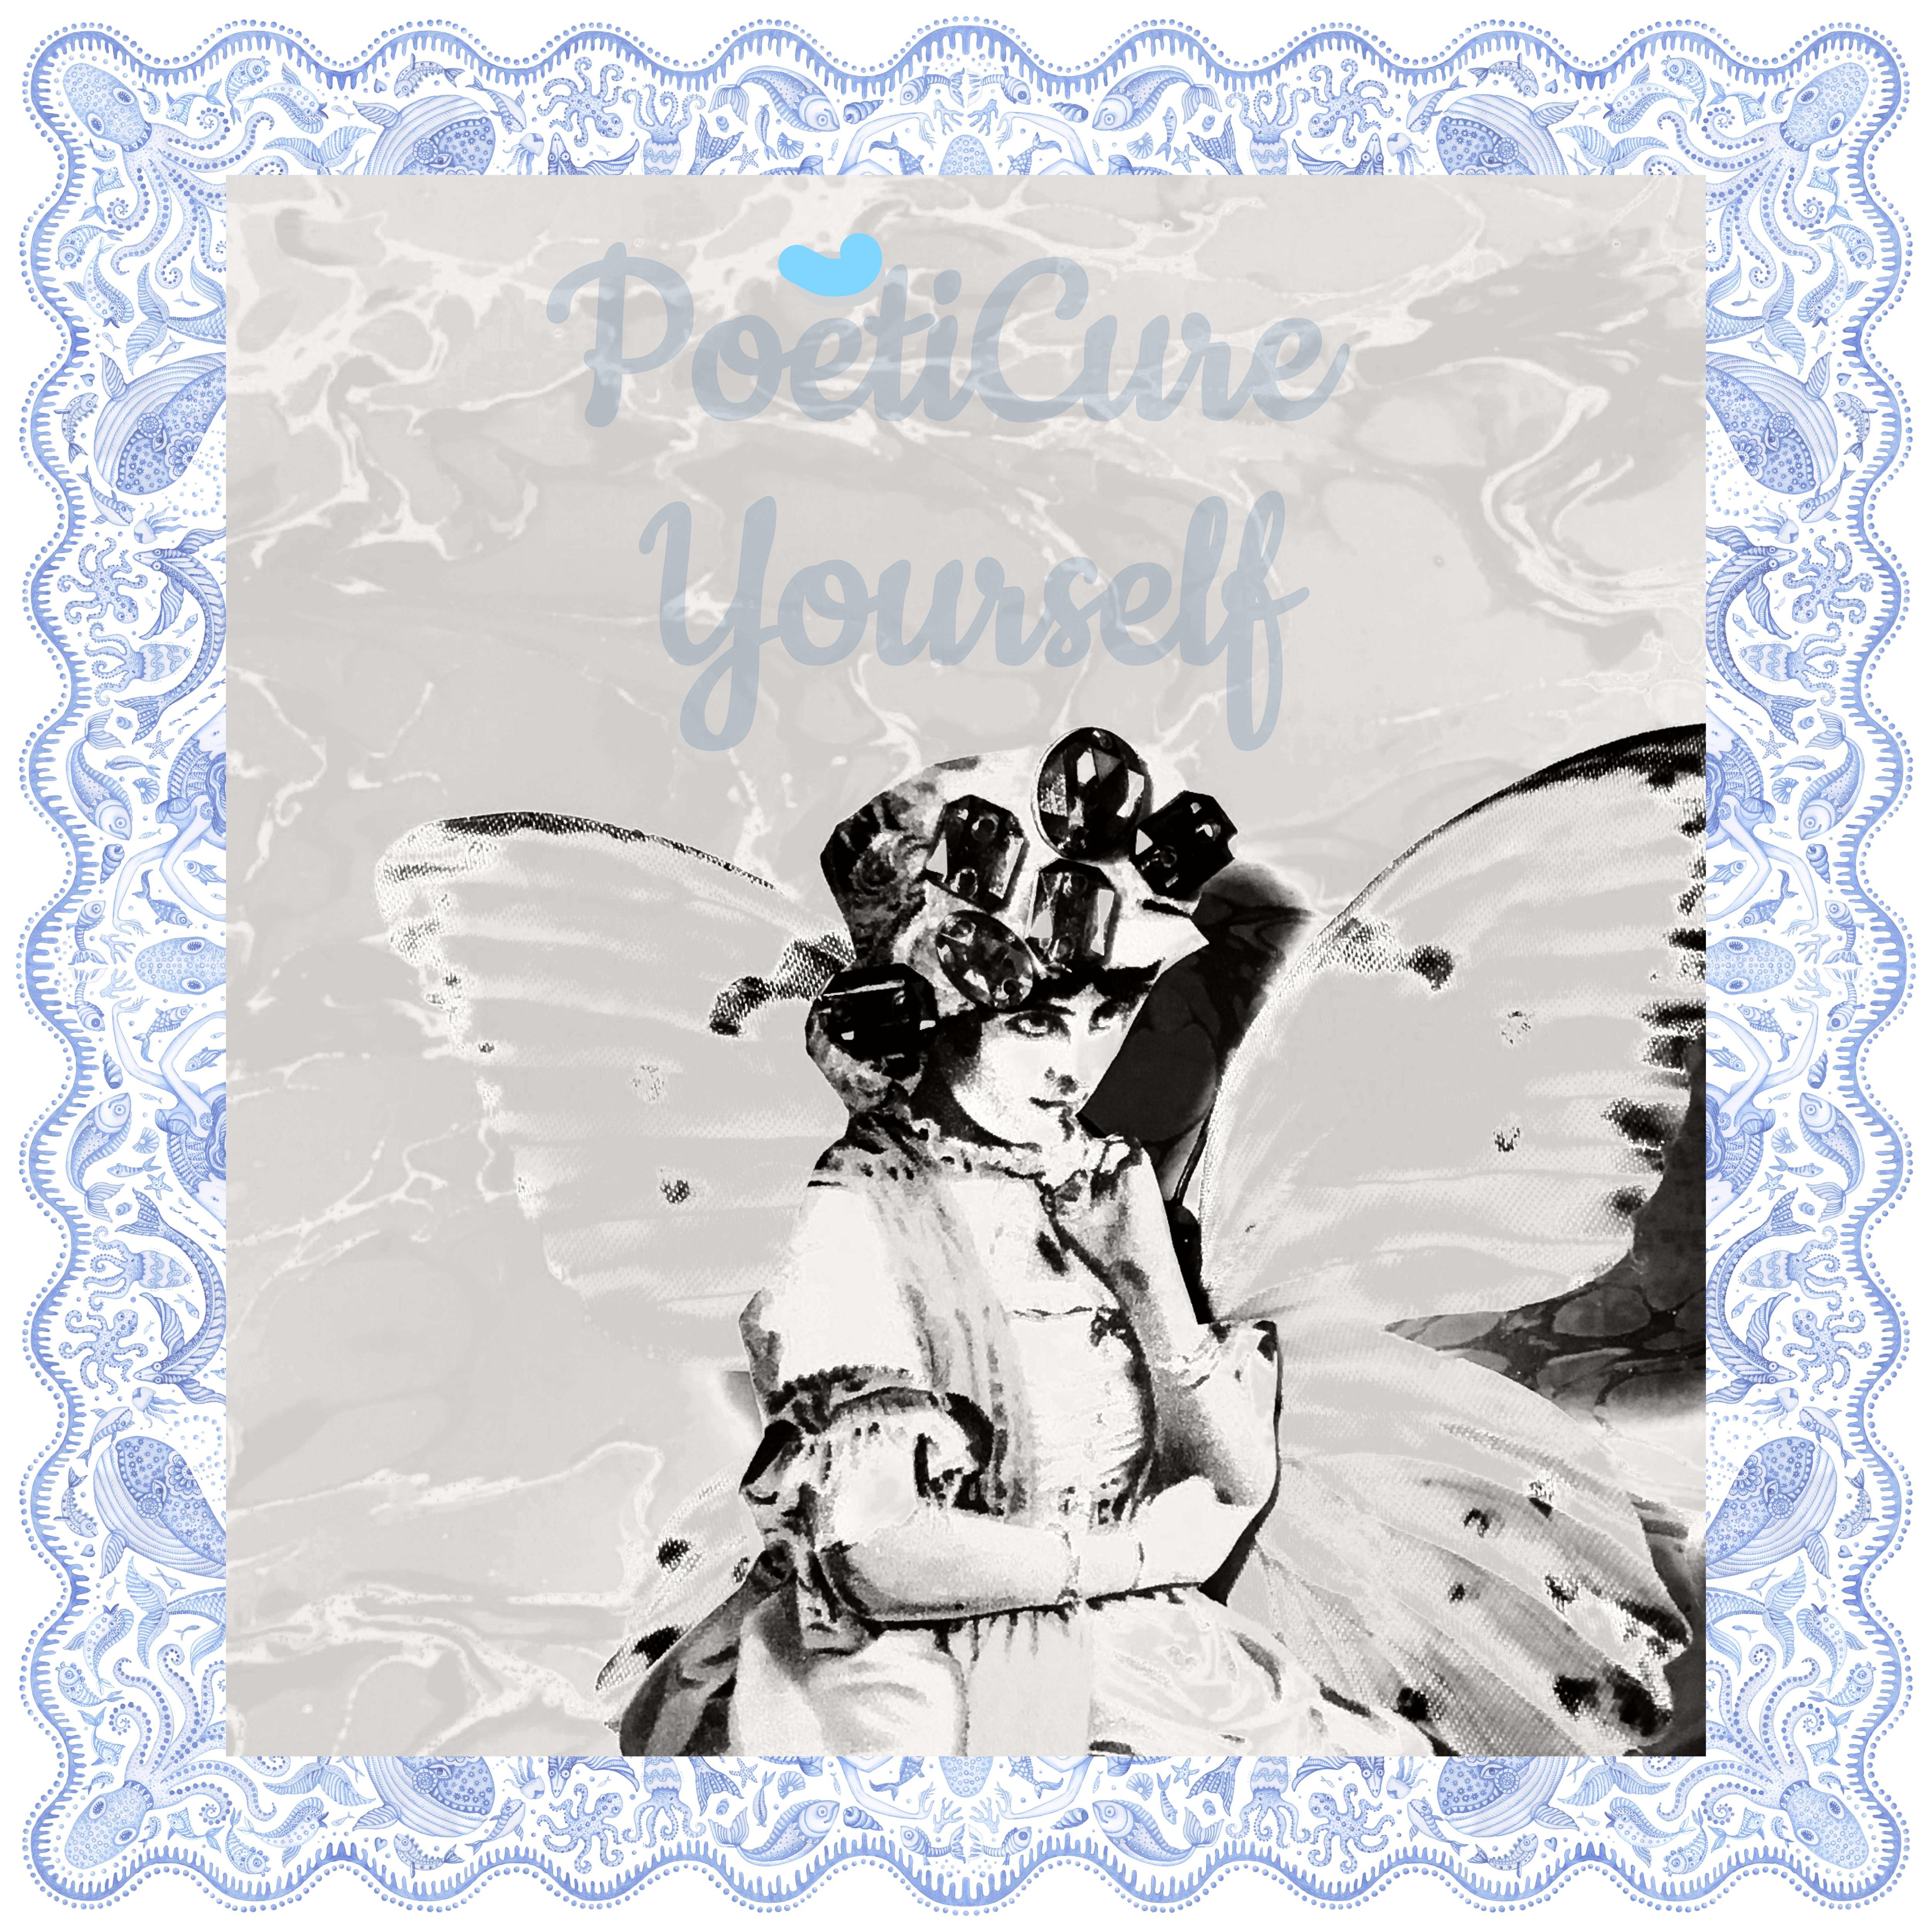 poeti_LI